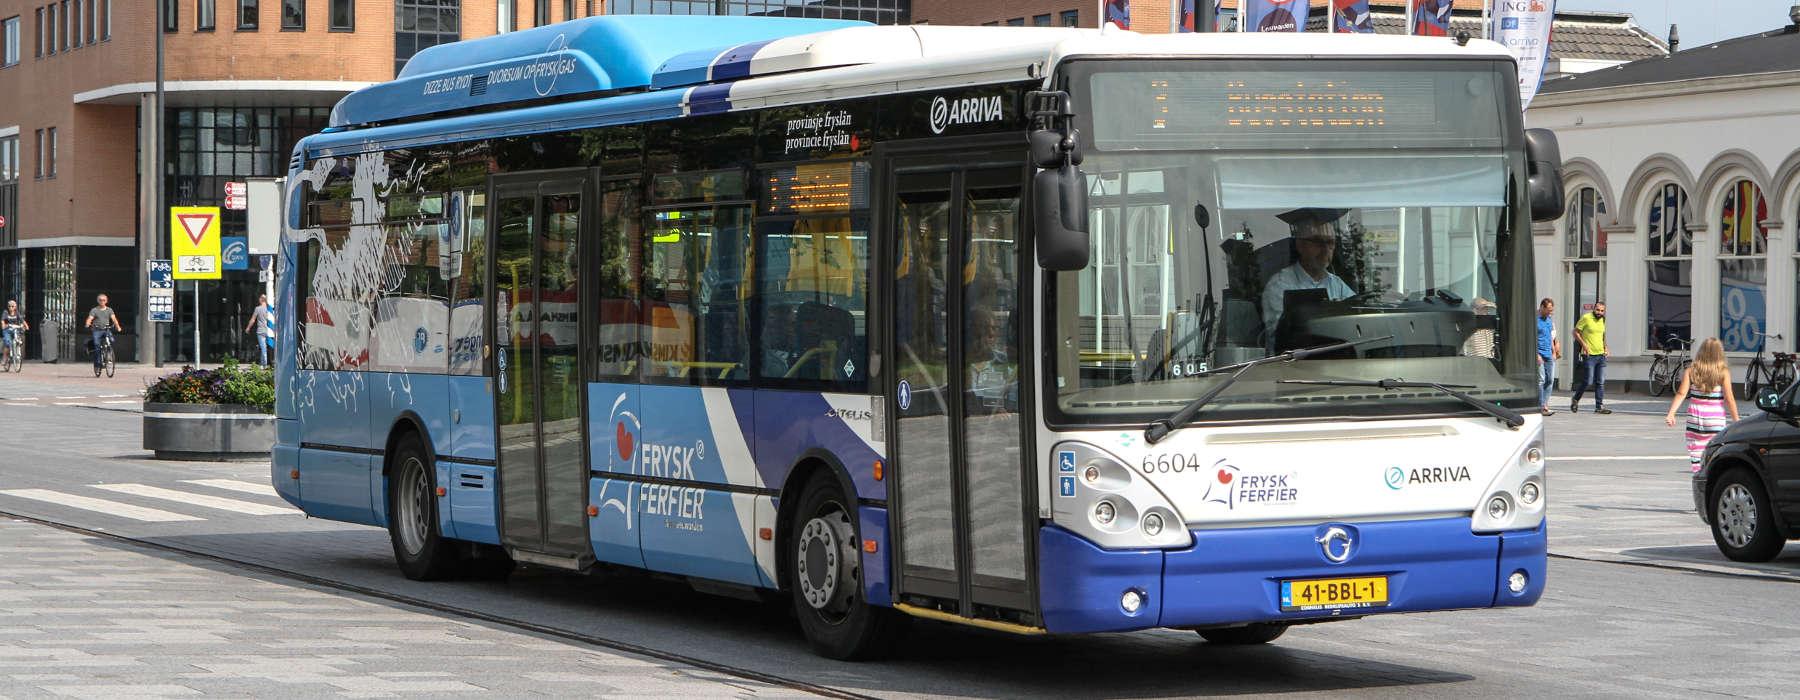 FNP nijs iepenbier ferfier 2 bus